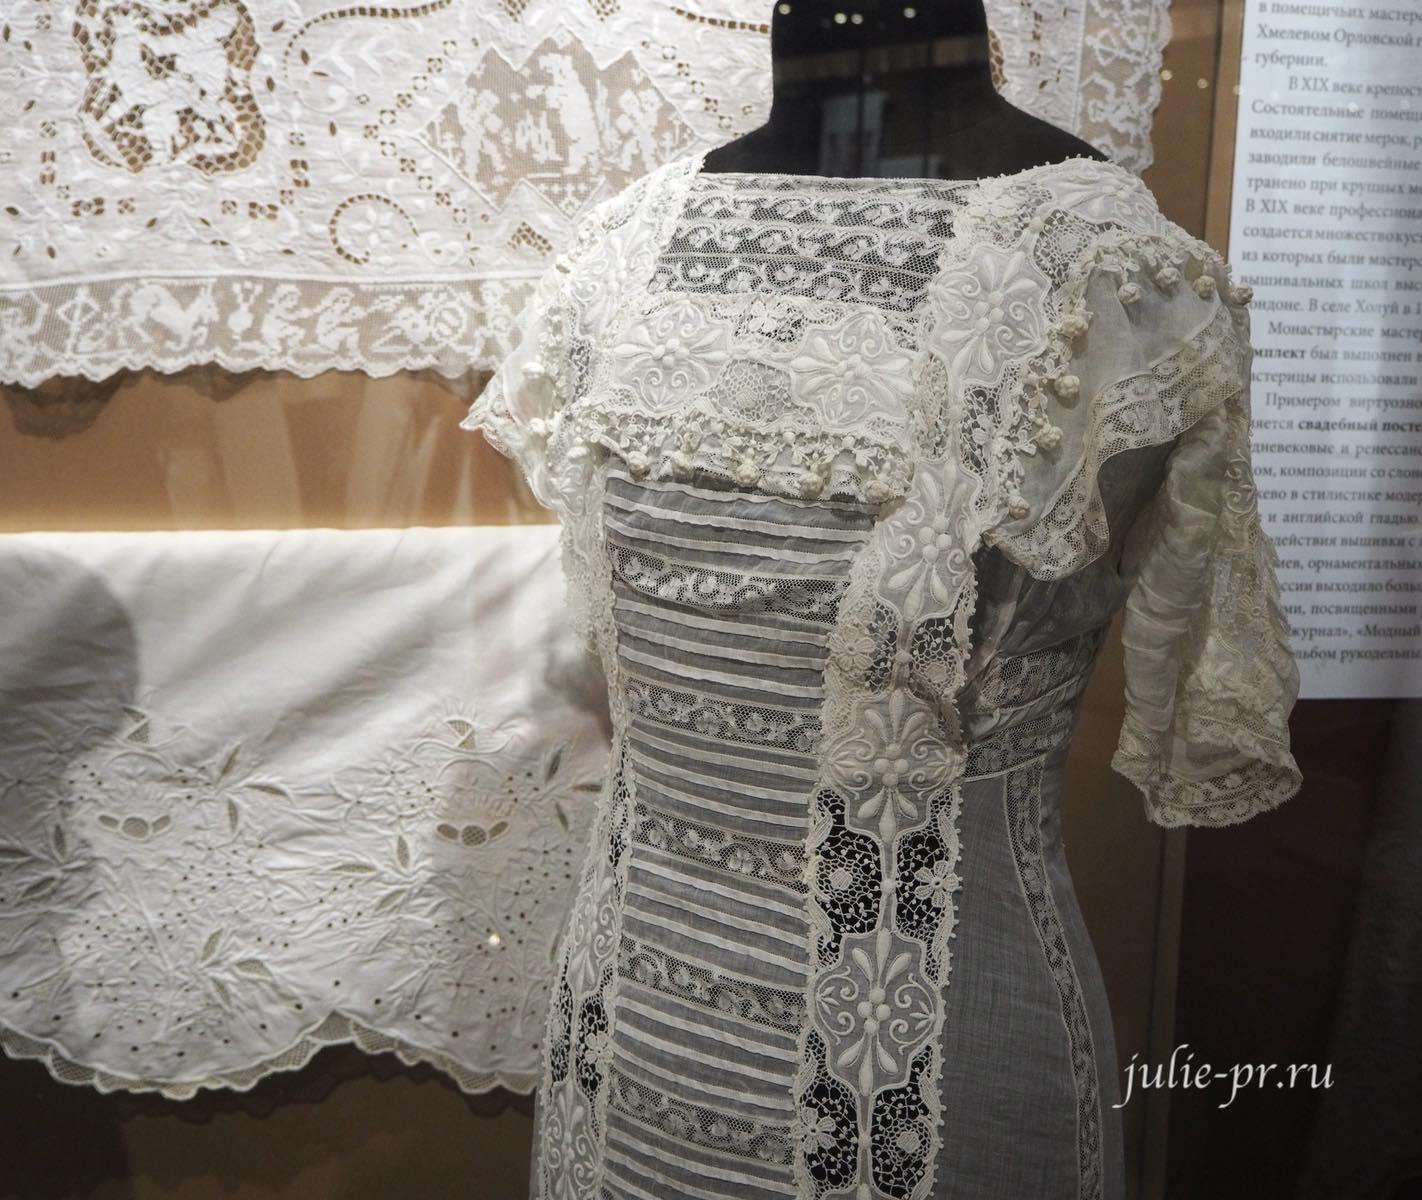 Платье (Россия, конец XIX века): кружево, вышивка гладью